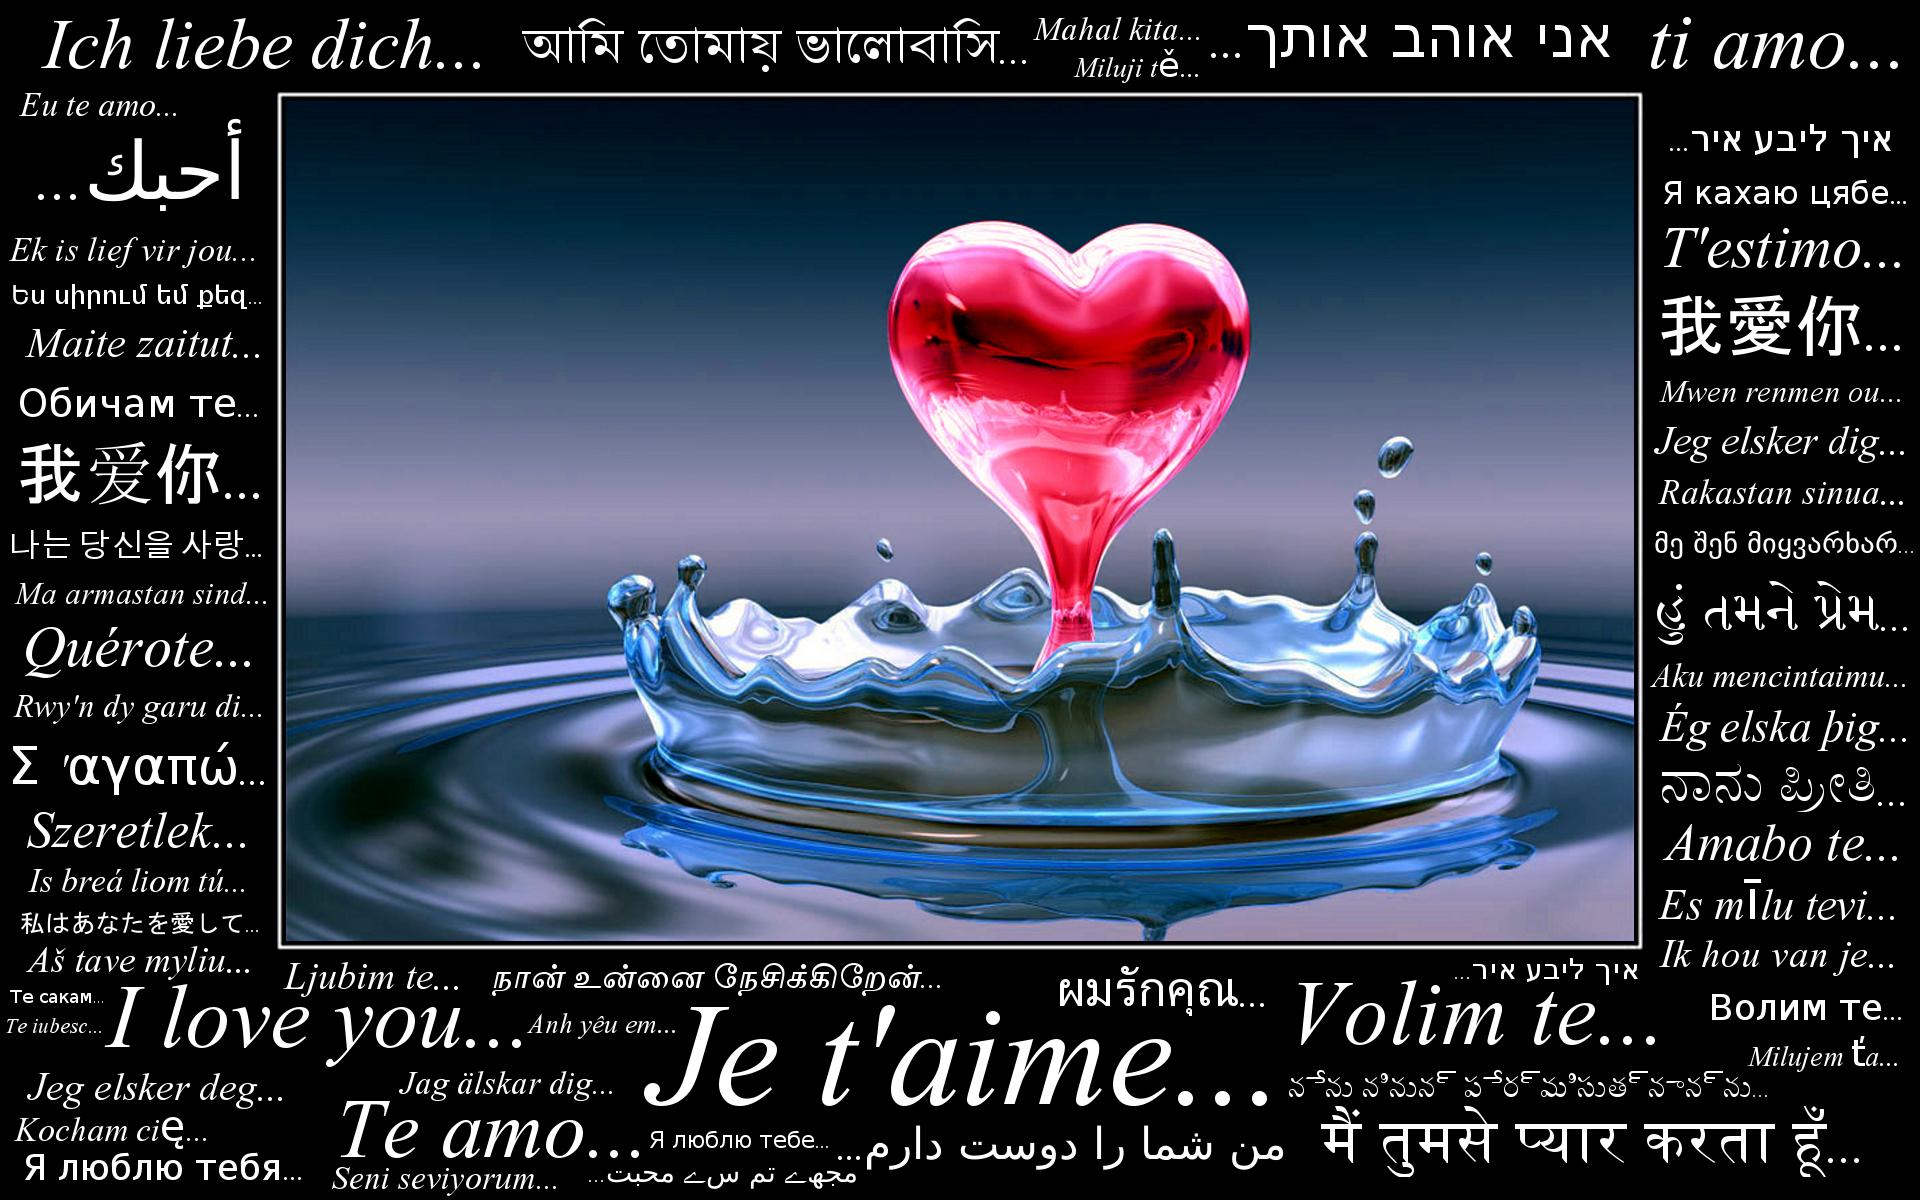 Love You Wife Wallpaper - WallpaperSafari